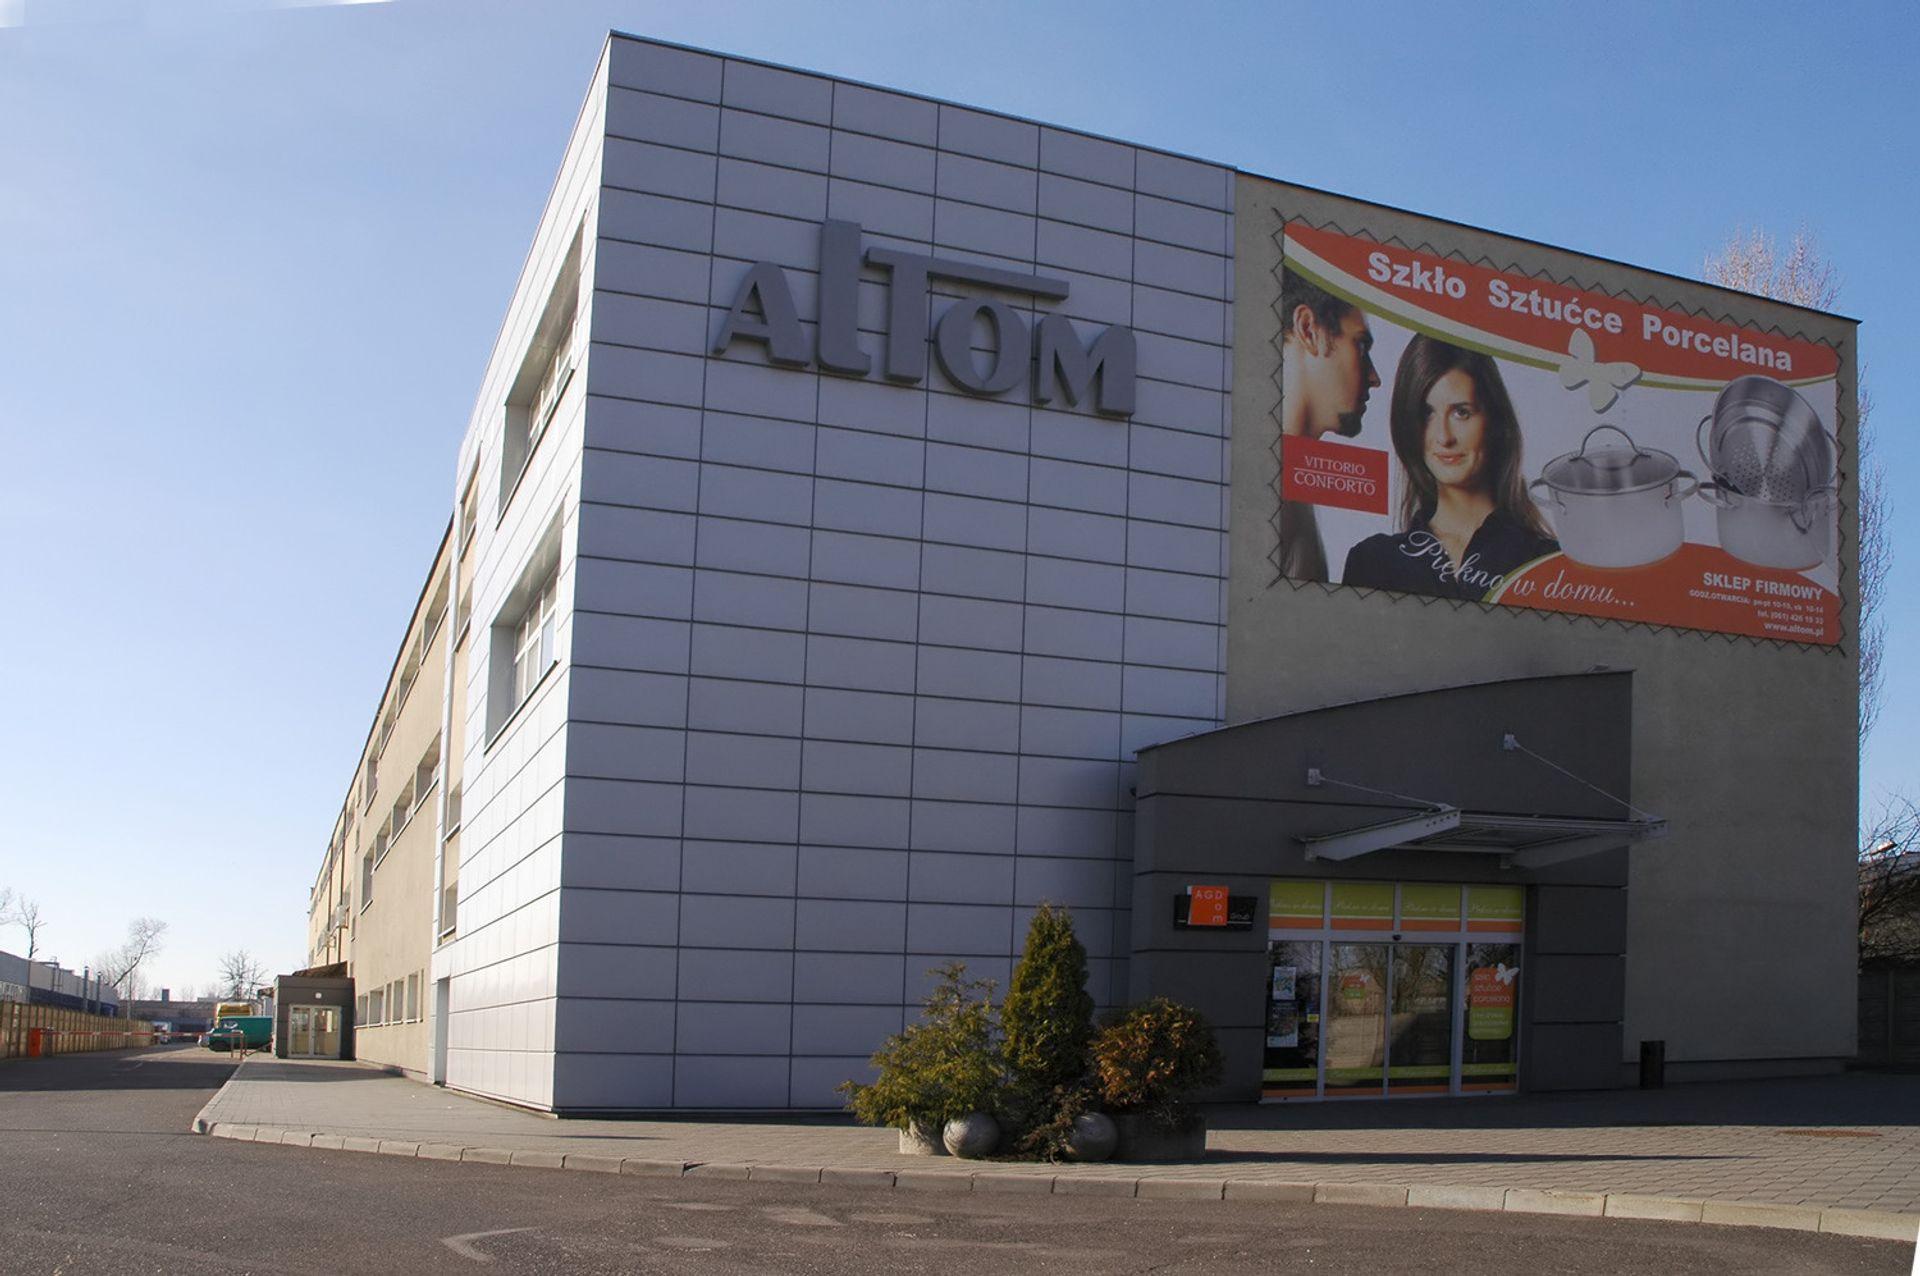 [wielkopolskie] PTB Nickel ponownie buduje dla firmy ALTOM